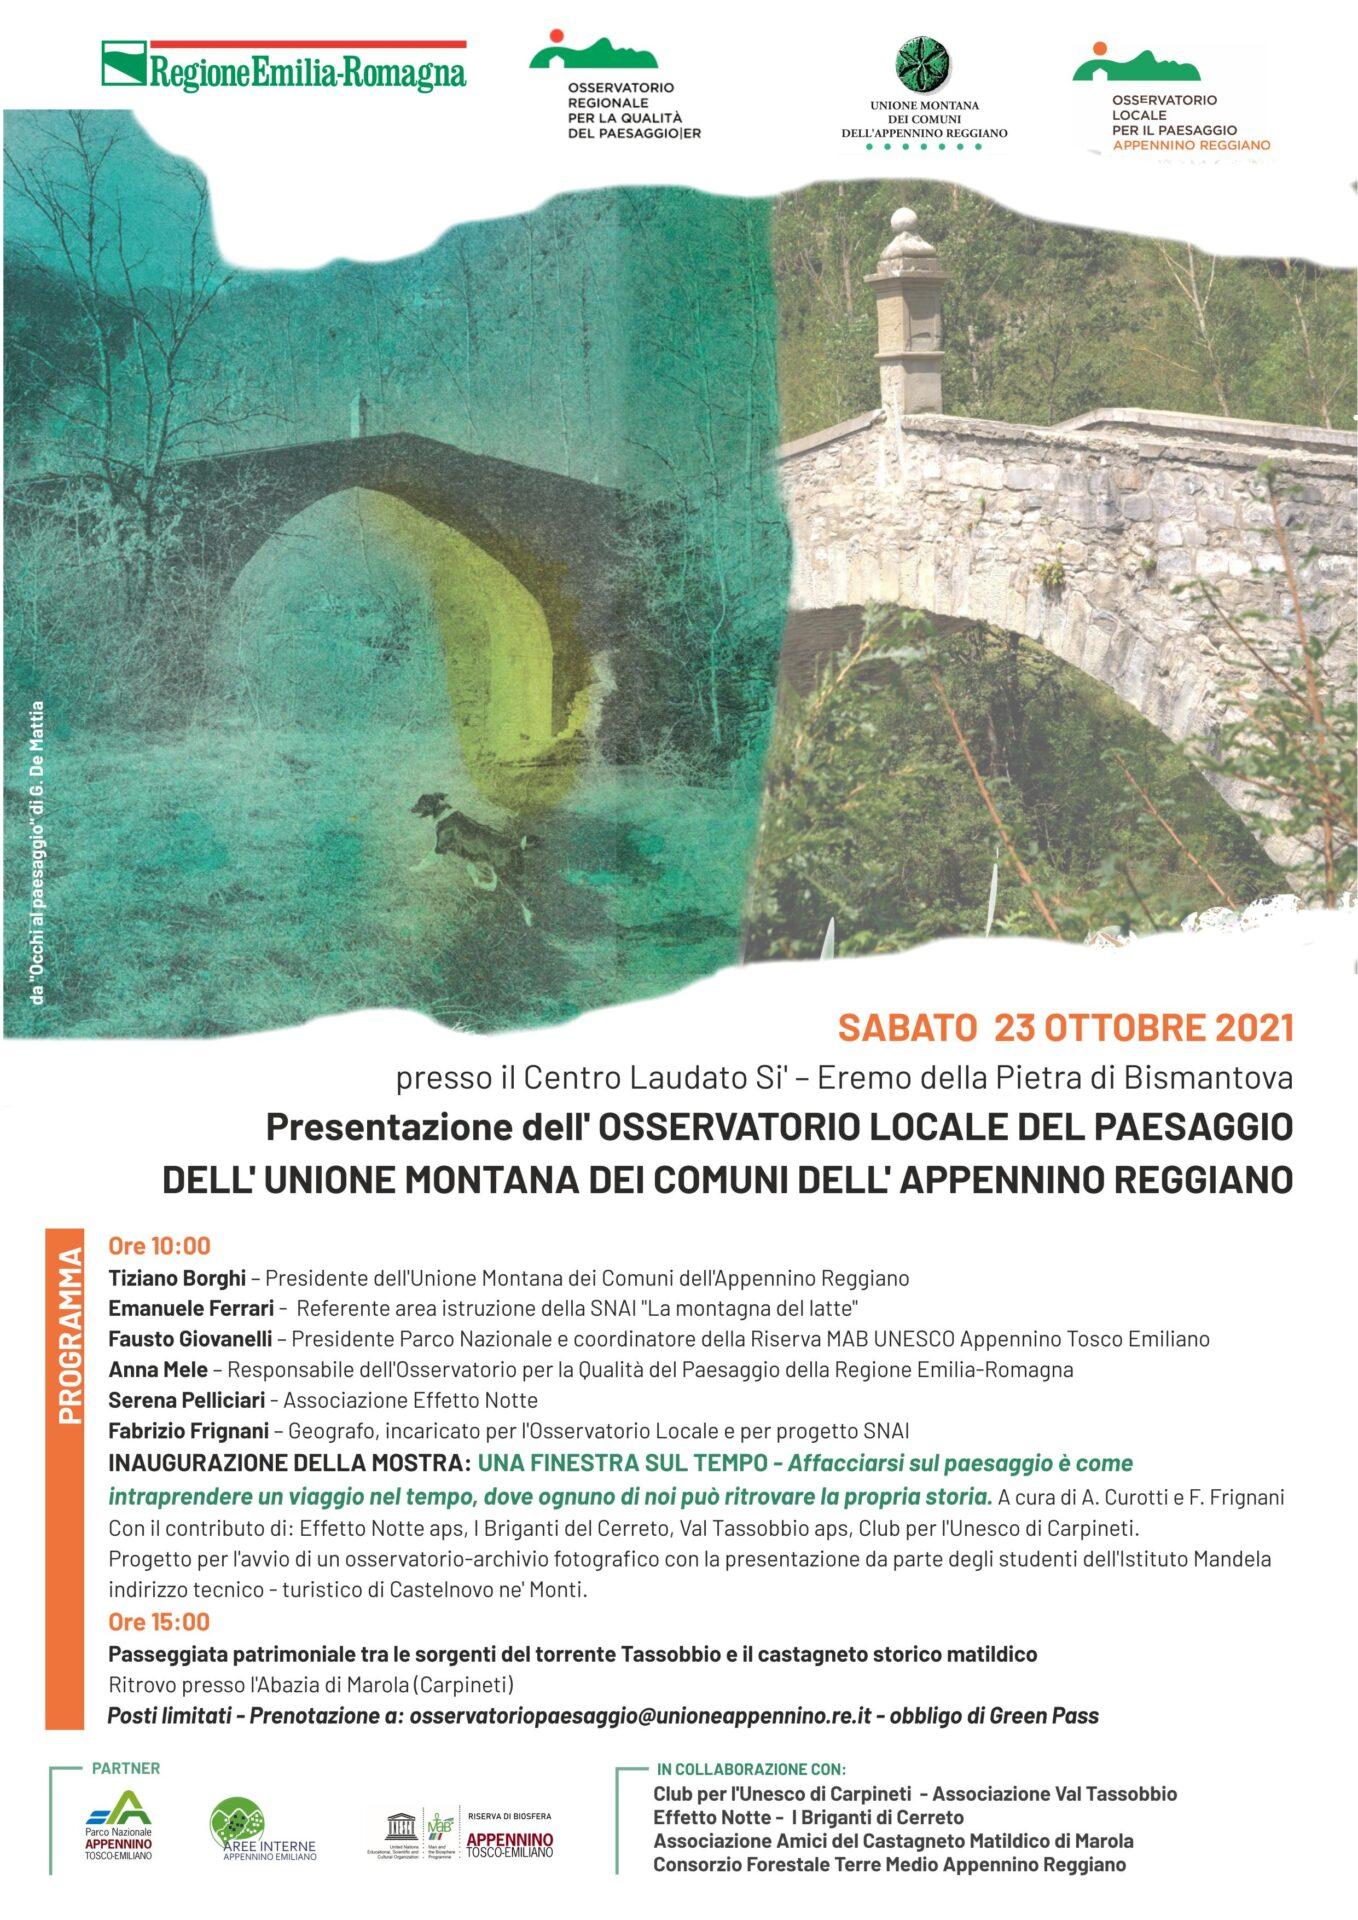 Castelnovo Monti, Eremo della Pietra di Bismantova: presentazione dell'Osservatorio Locale del Paesaggio